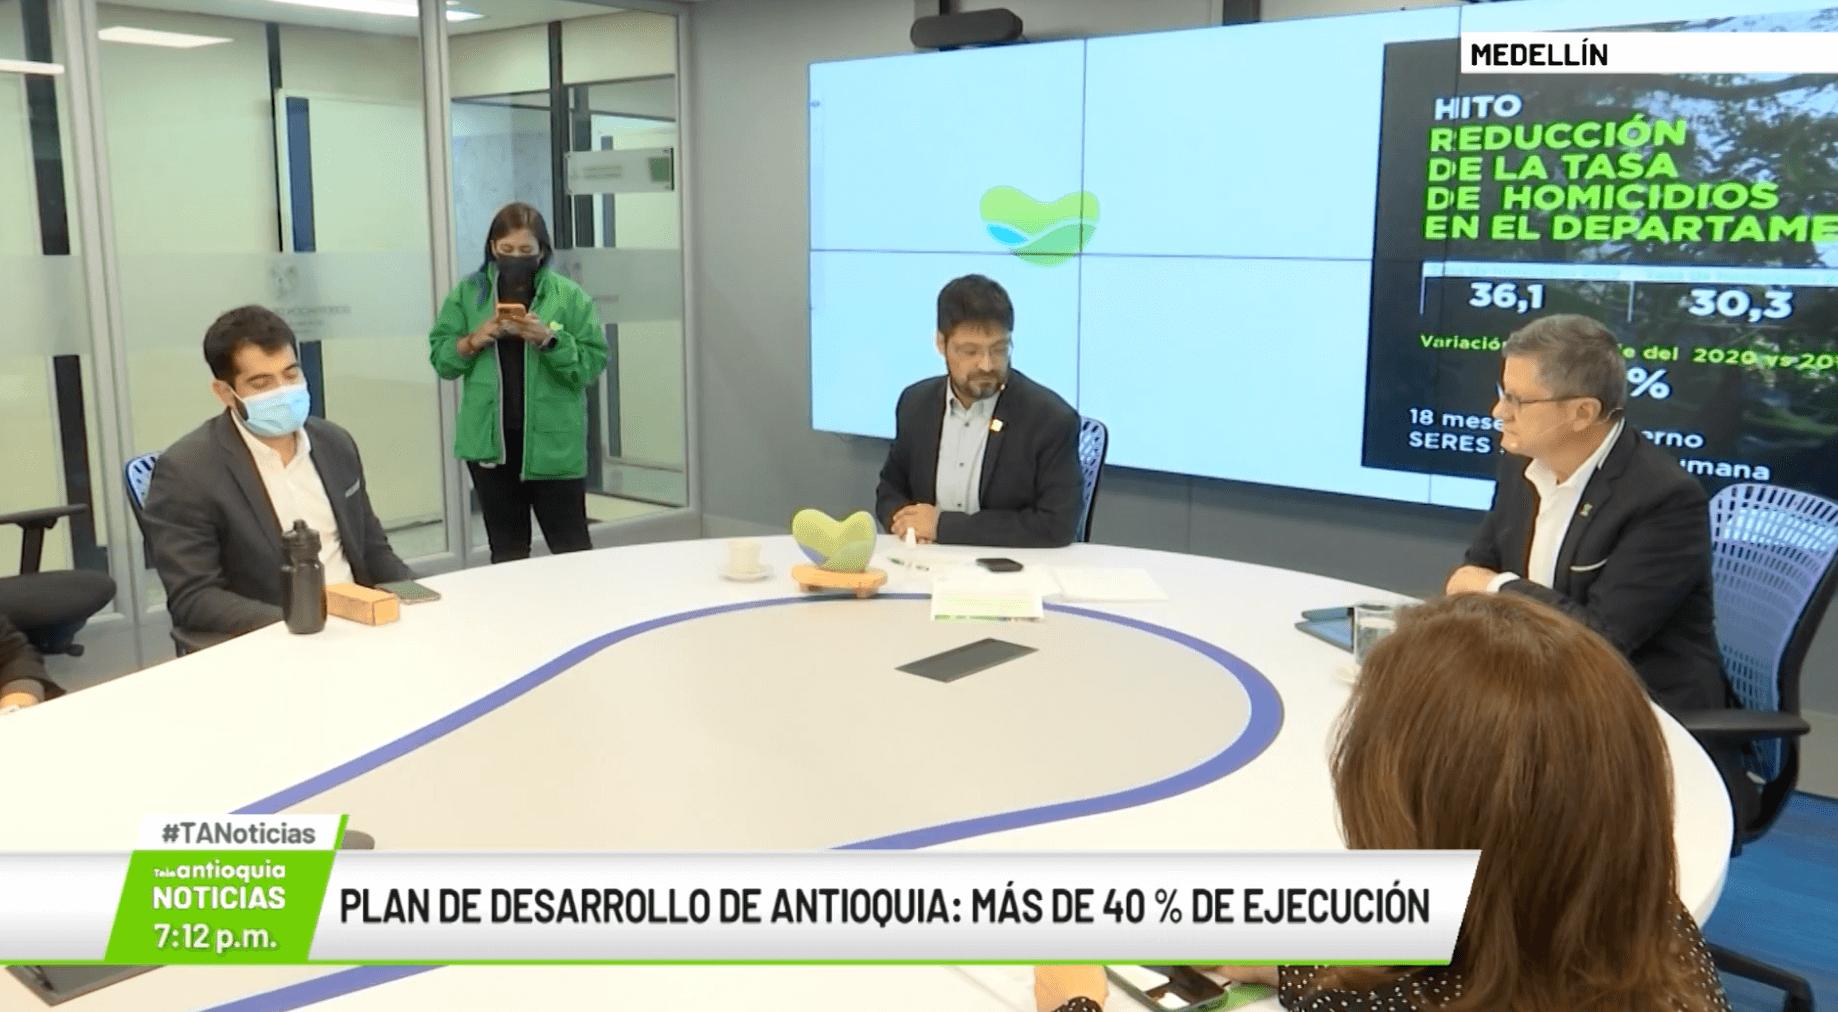 Plan de Desarrollo de Antioquia: más de 40 % de ejecución